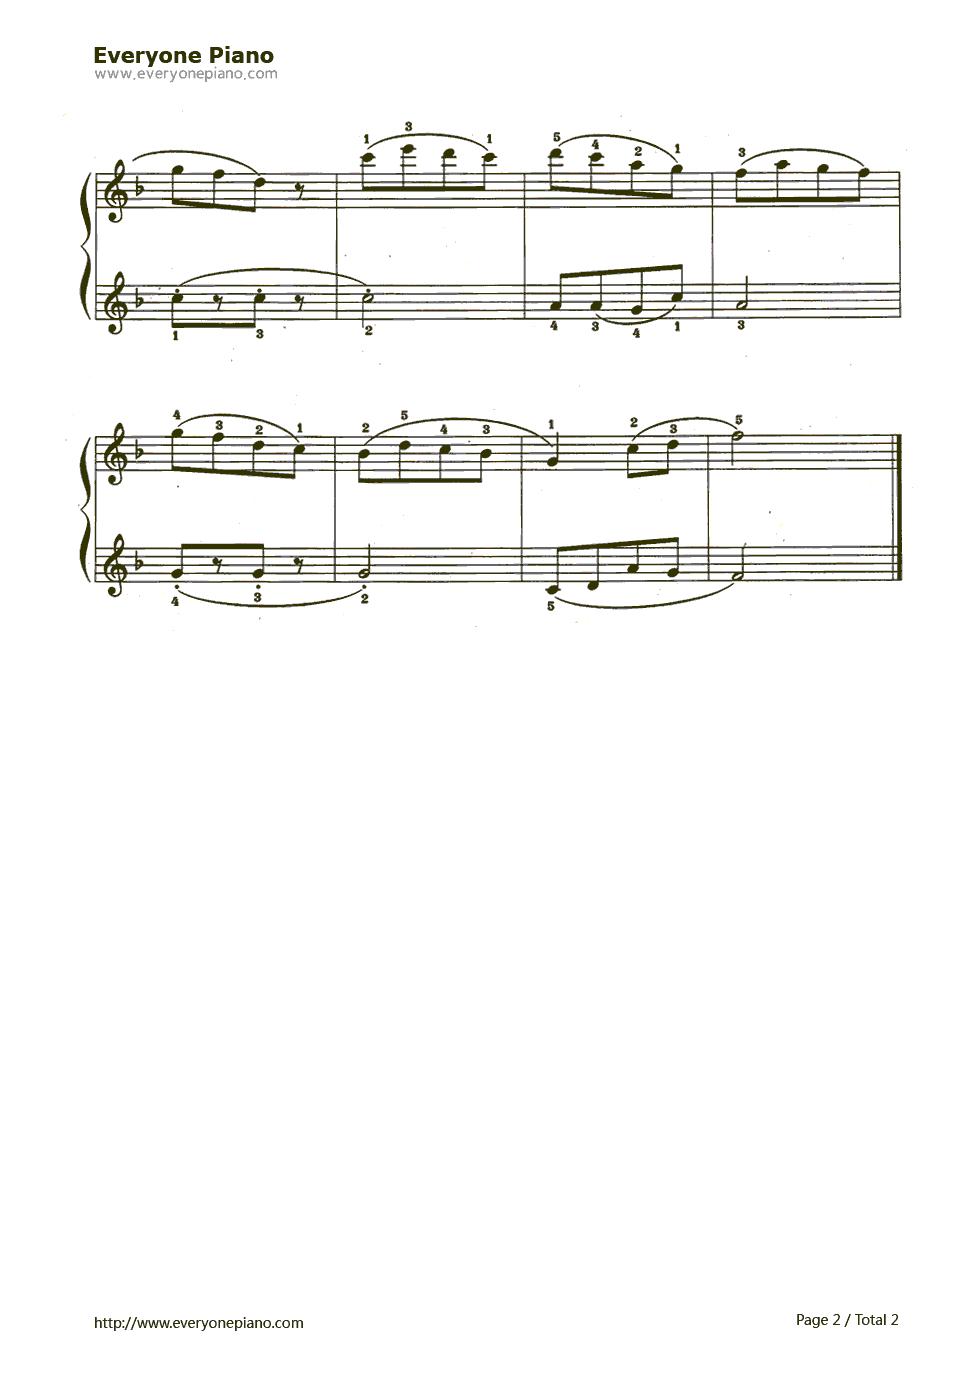 打电话钢琴简谱; 打电话五线谱预览2-钢琴谱(五线谱,双手简谱)免费